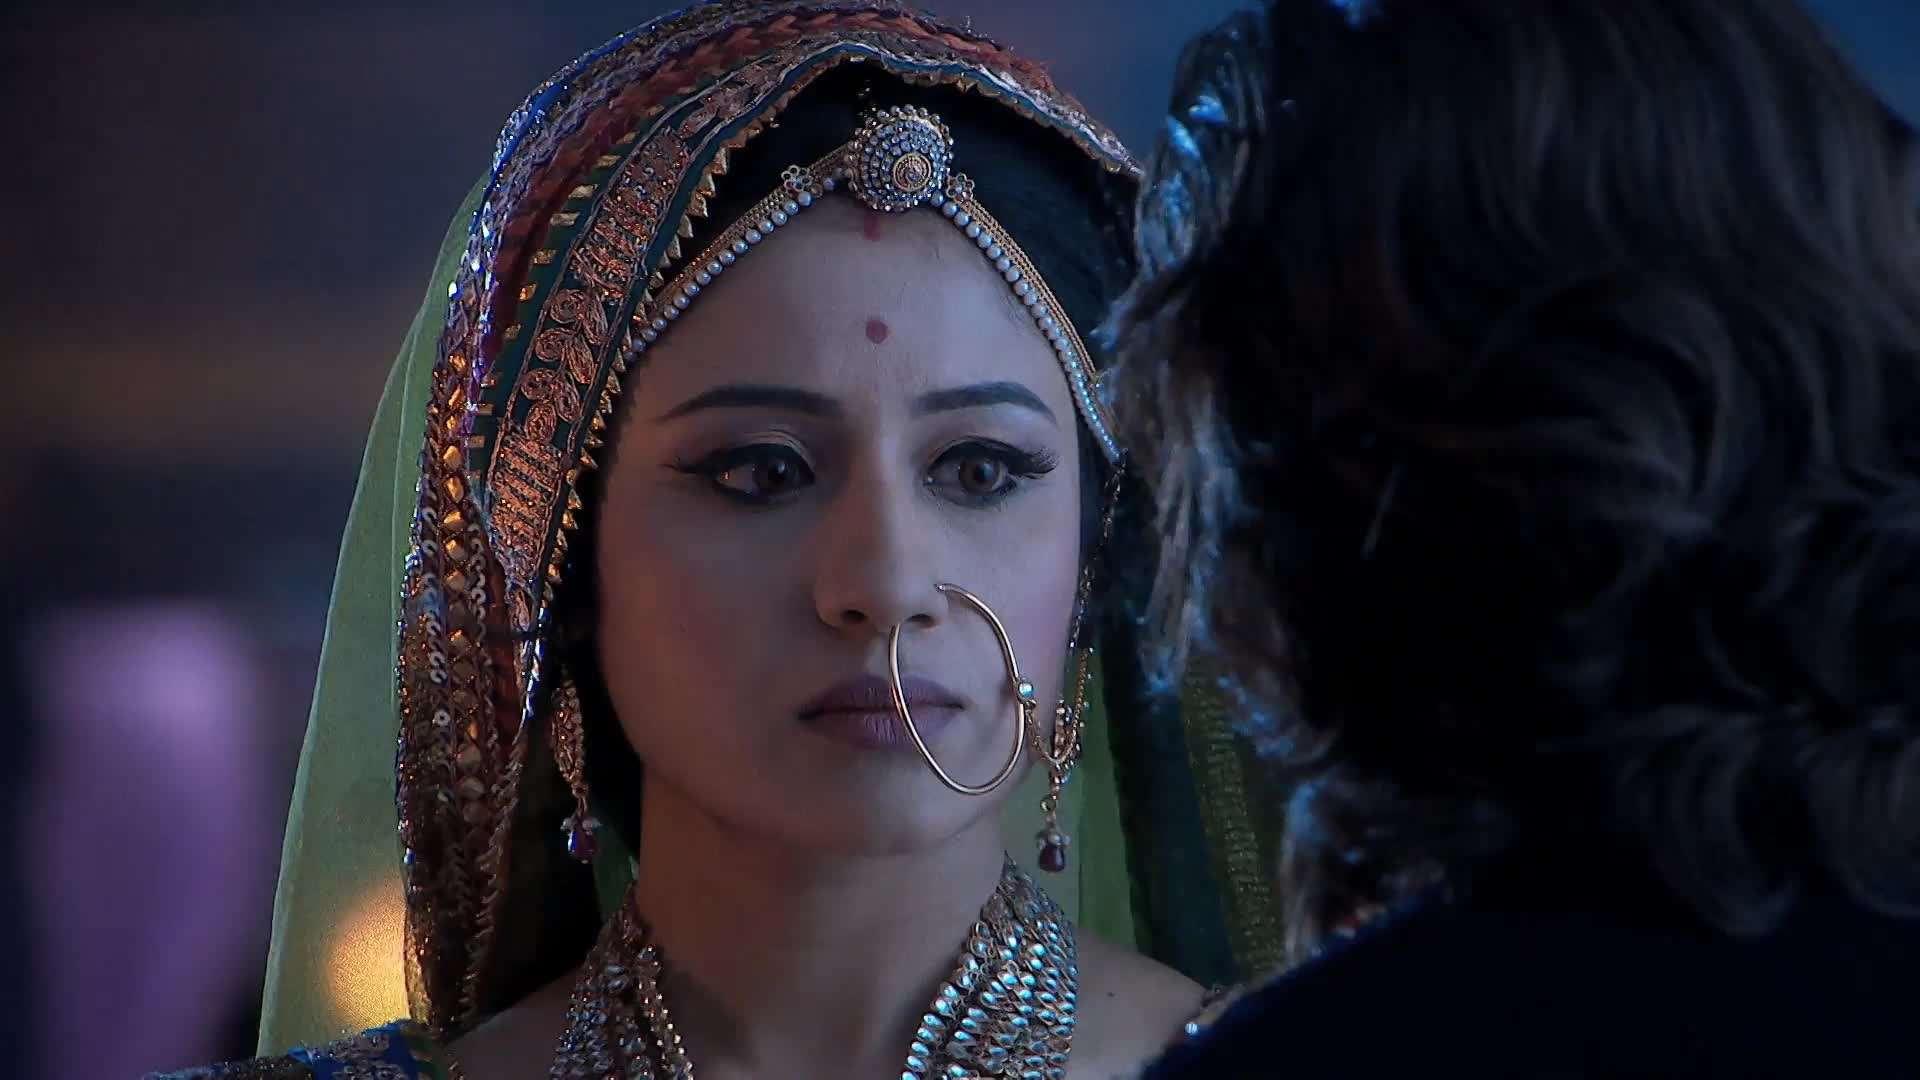 المسلسل الهندي التاريخي جودا أكبر الجزء الثاني (2013) [مدبلج] كامل 1080p تحميل تورنت 8 arabp2p.com